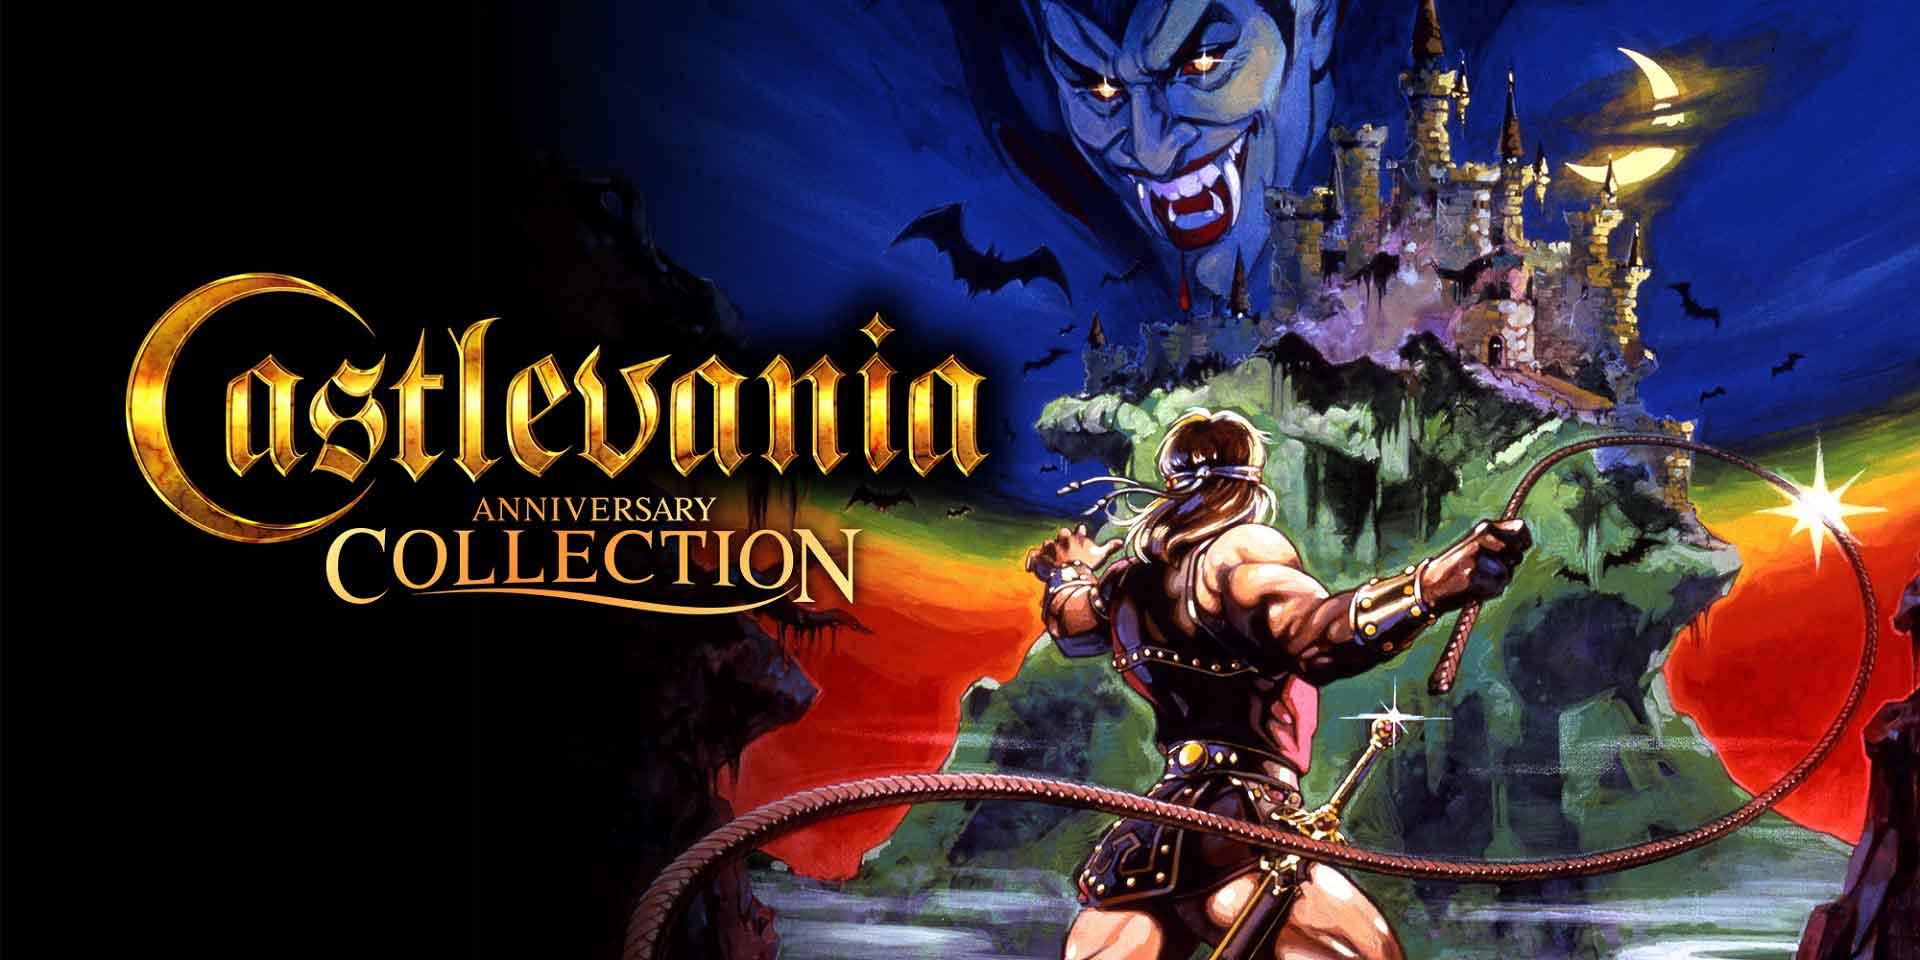 Limited Run veröffentlicht physische Version der Castlevania Anniversary Collection